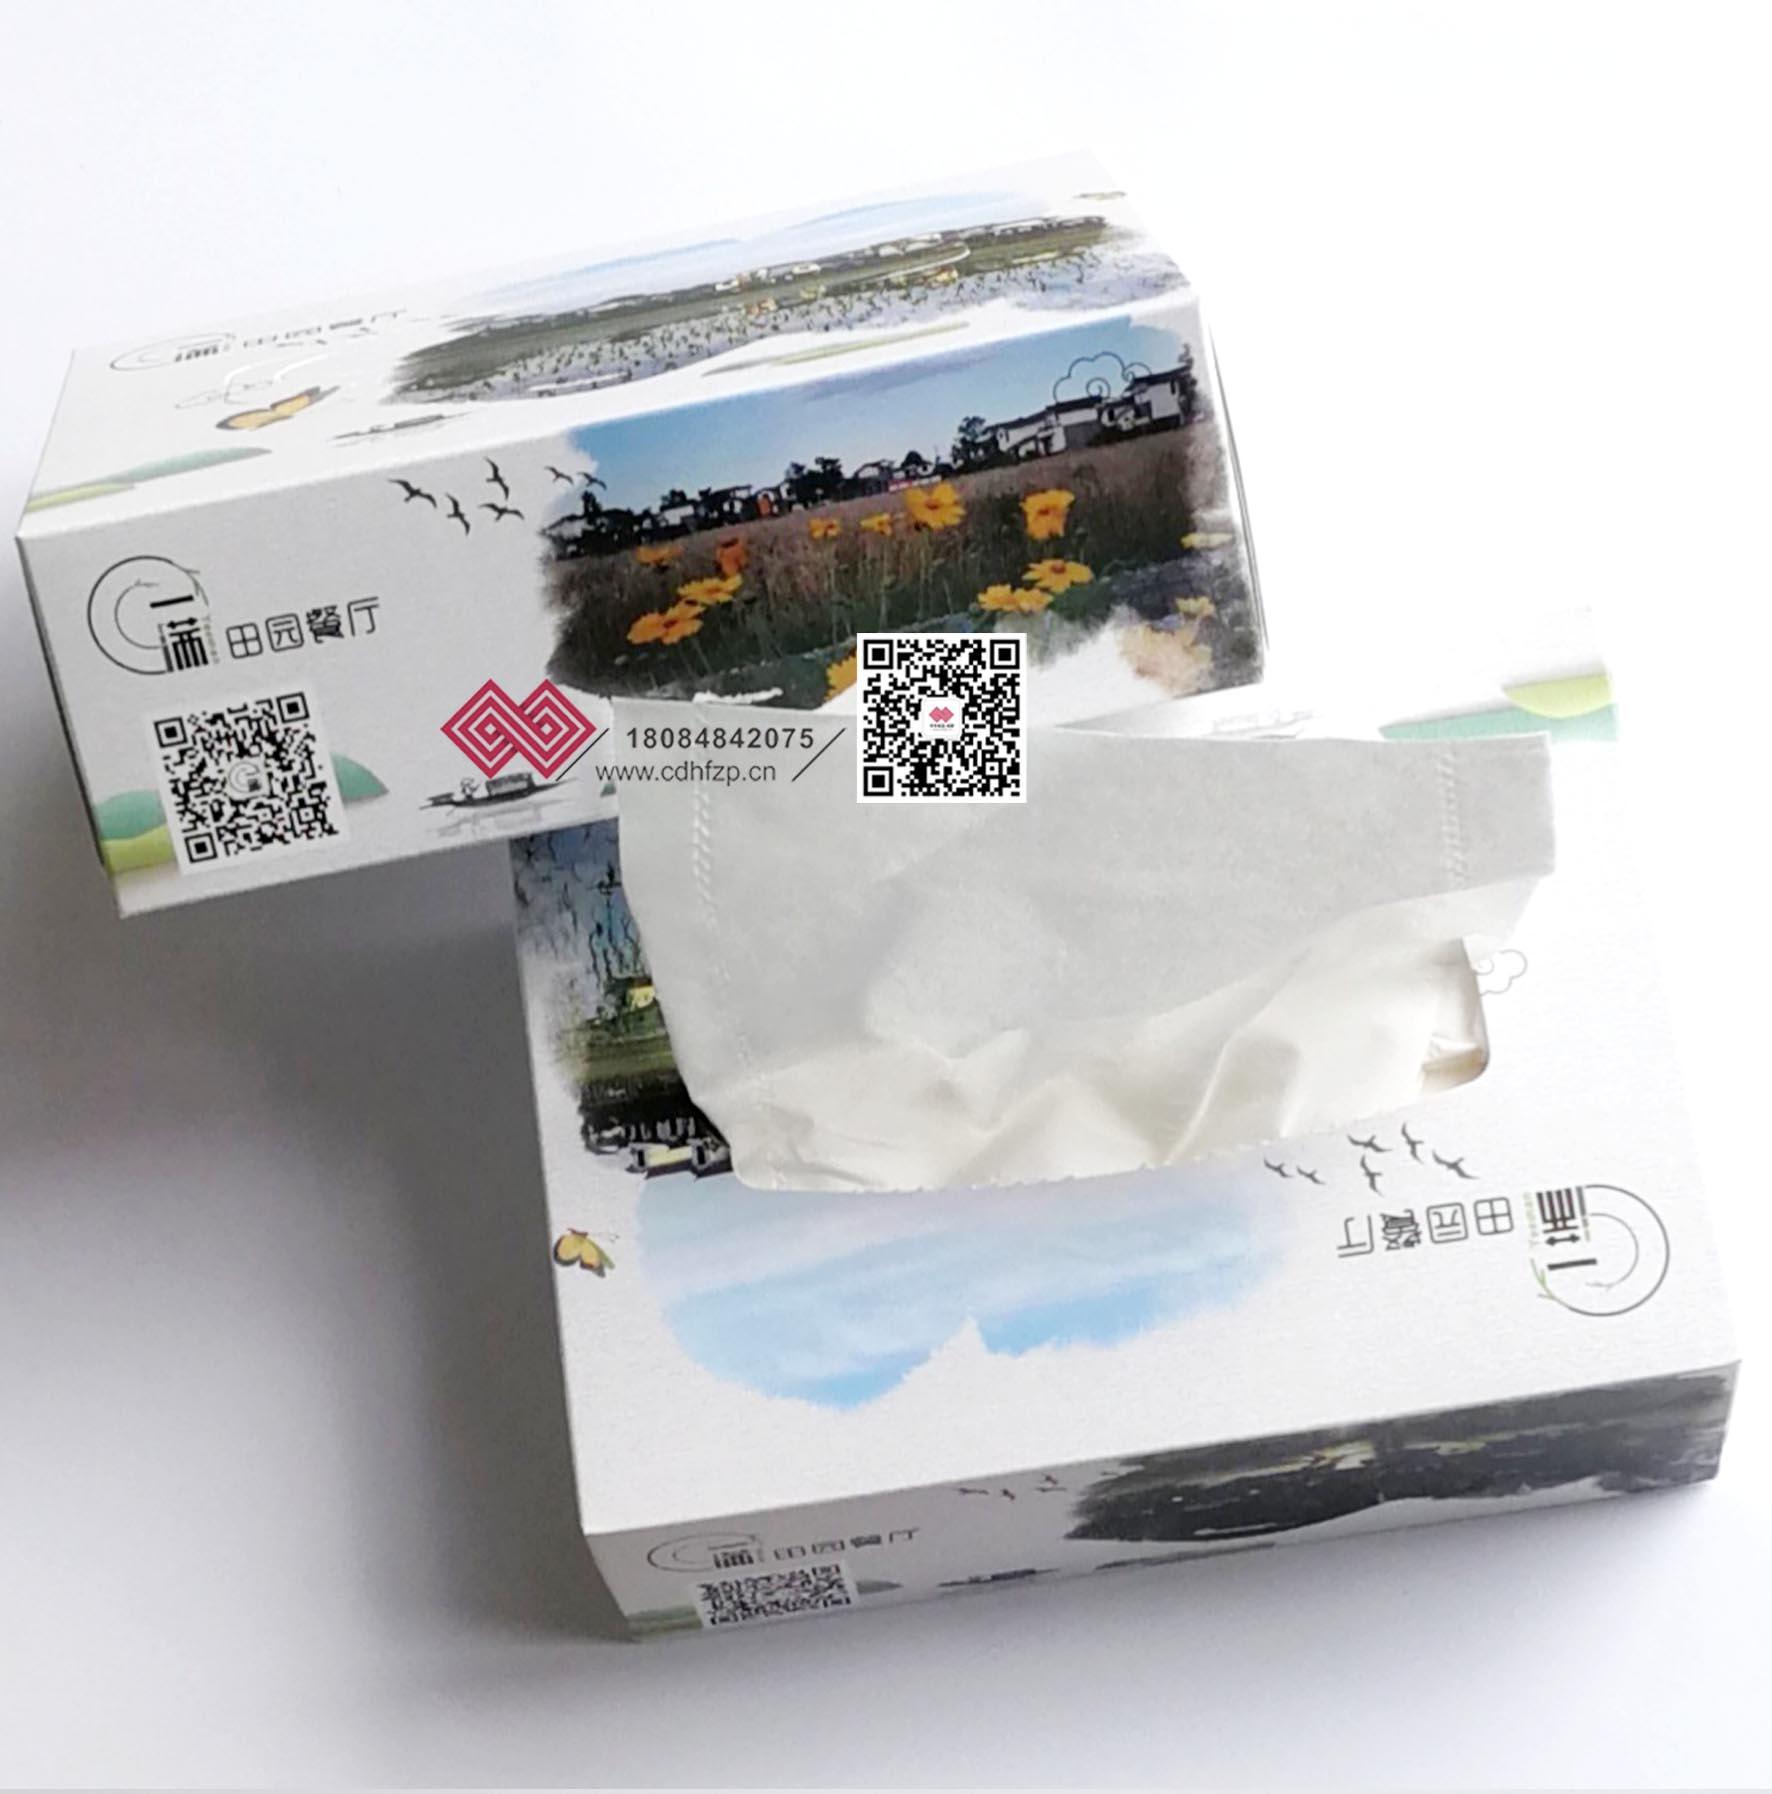 成都華豐酒吧廣告抽紙定制-盒裝紙巾180*8484*2075